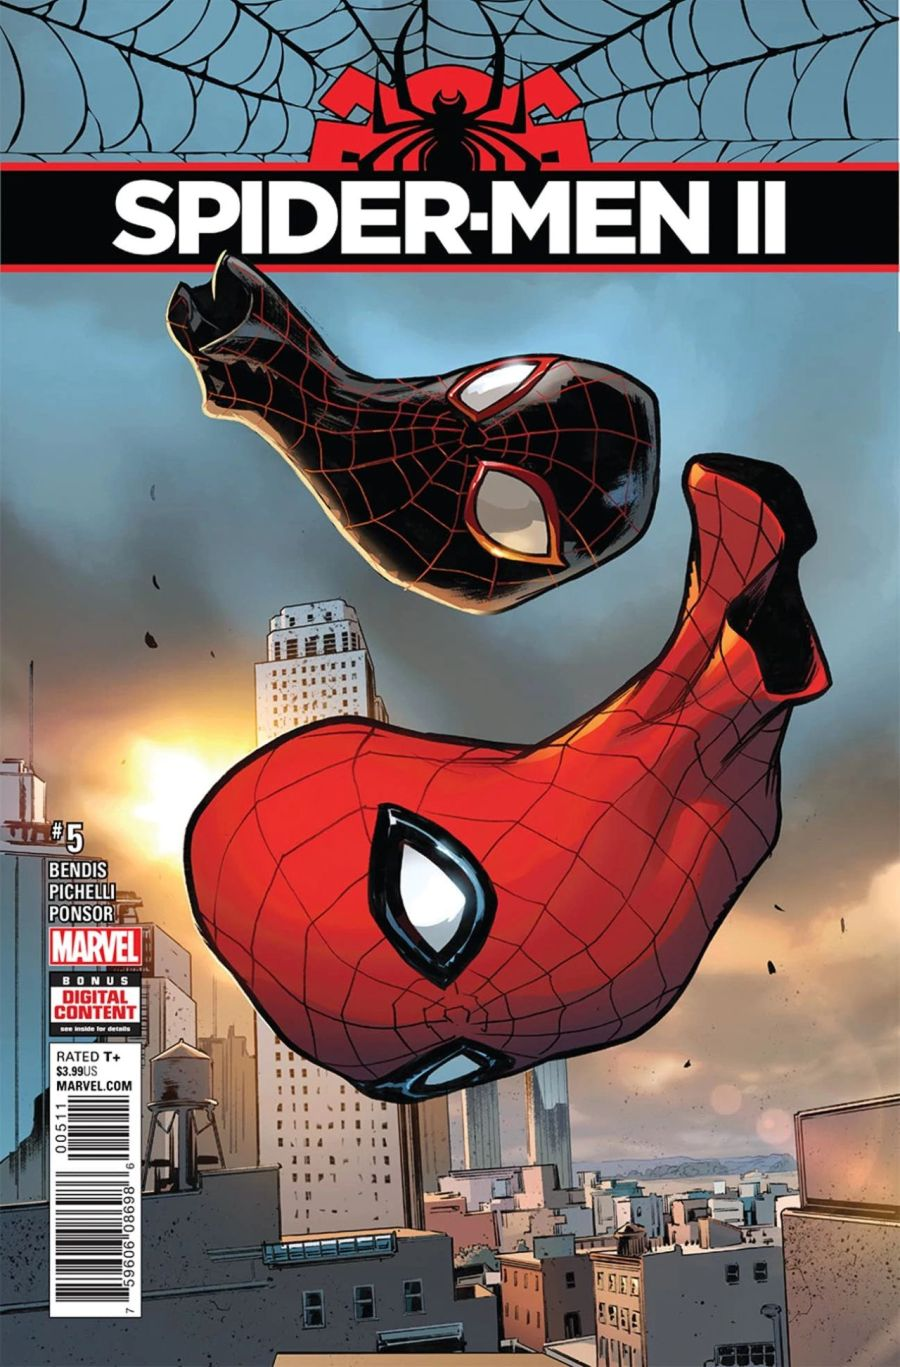 Spider-Men II #5